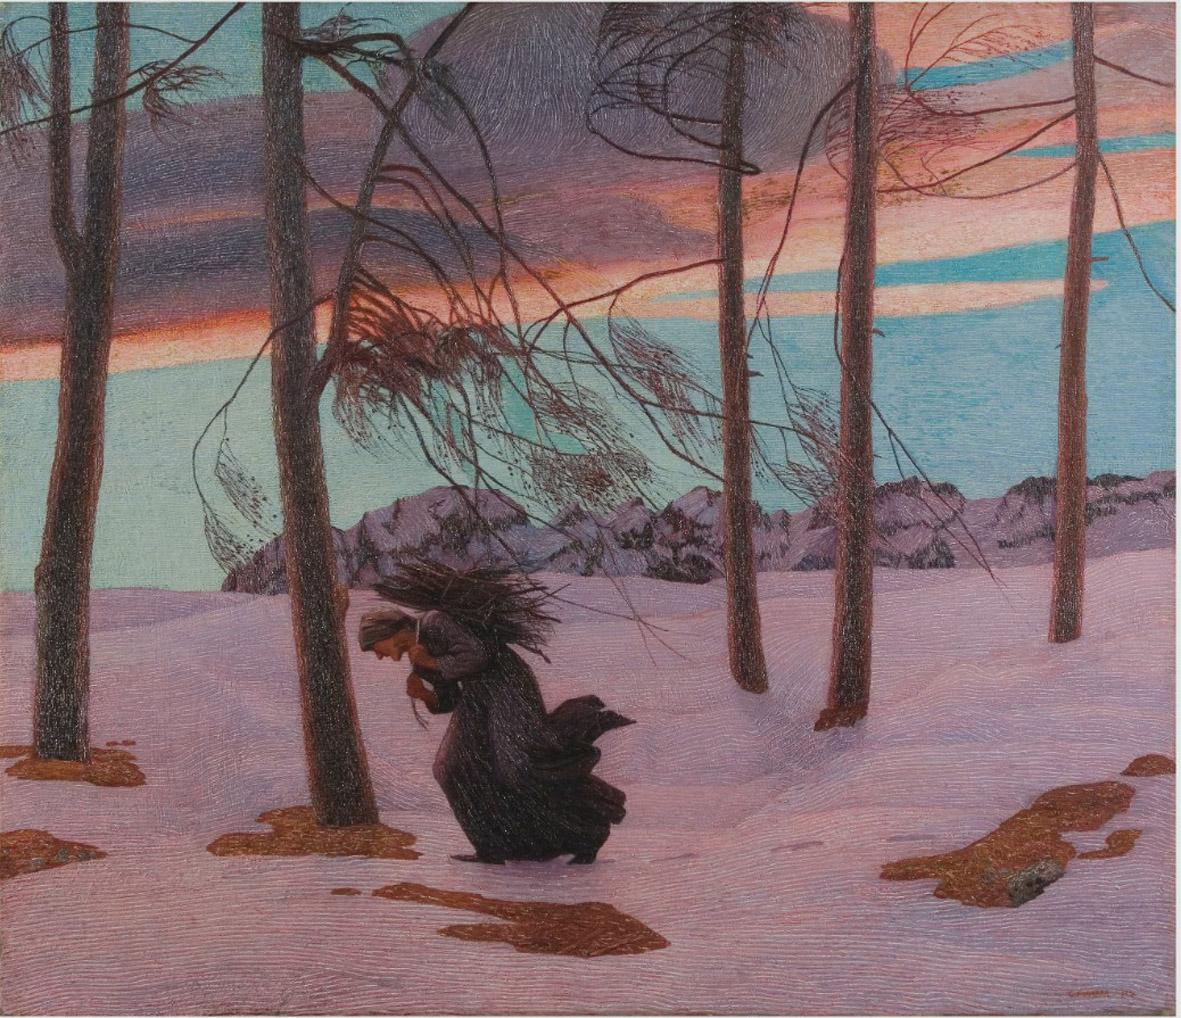 Continua la riscoperta di Carlo Fornara, artista divisionista. Una mostra ad Aosta con ottanta opere vuole sciogliere i preconcetti